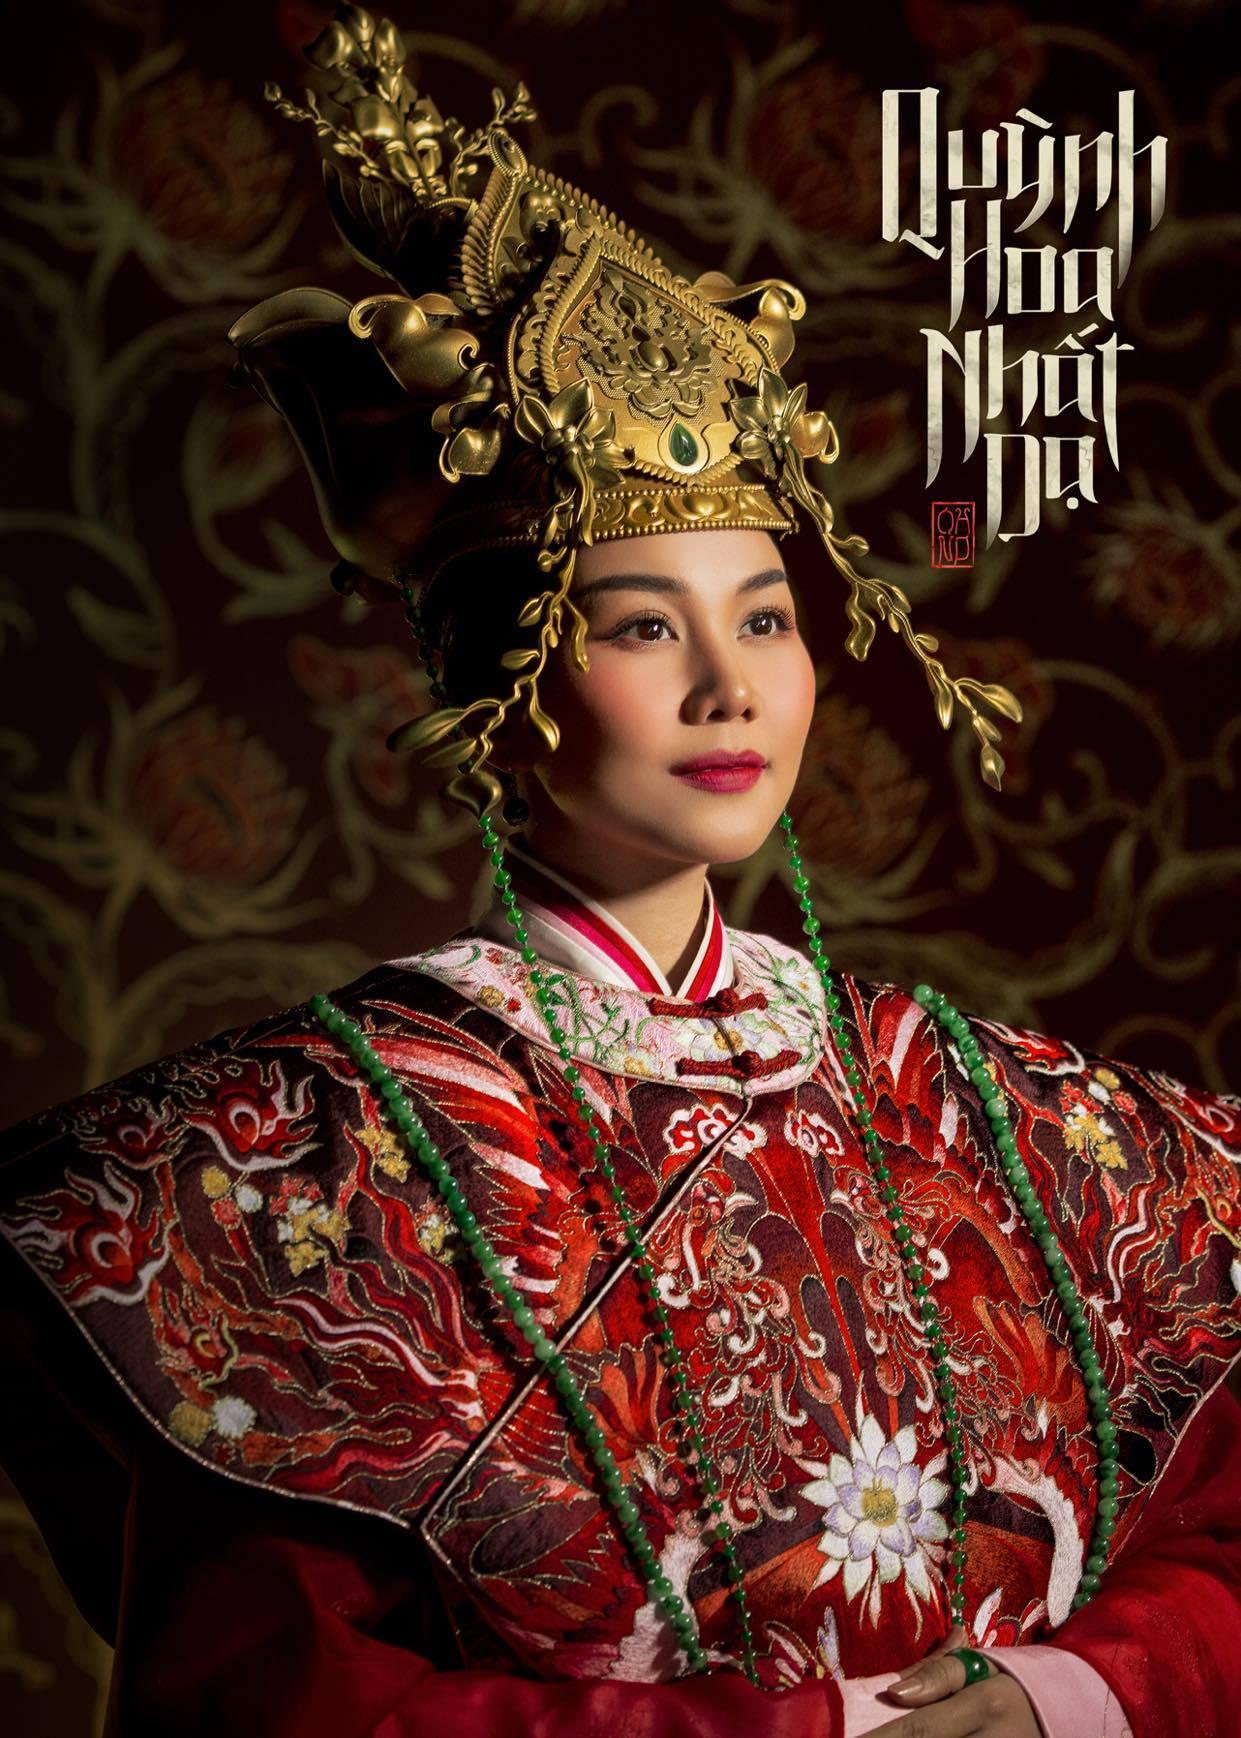 Thanh Hằng lên tiếng về những phản ứng trái chiều với trang phục trong 'Quỳnh Hoa Nhất Dạ' 2